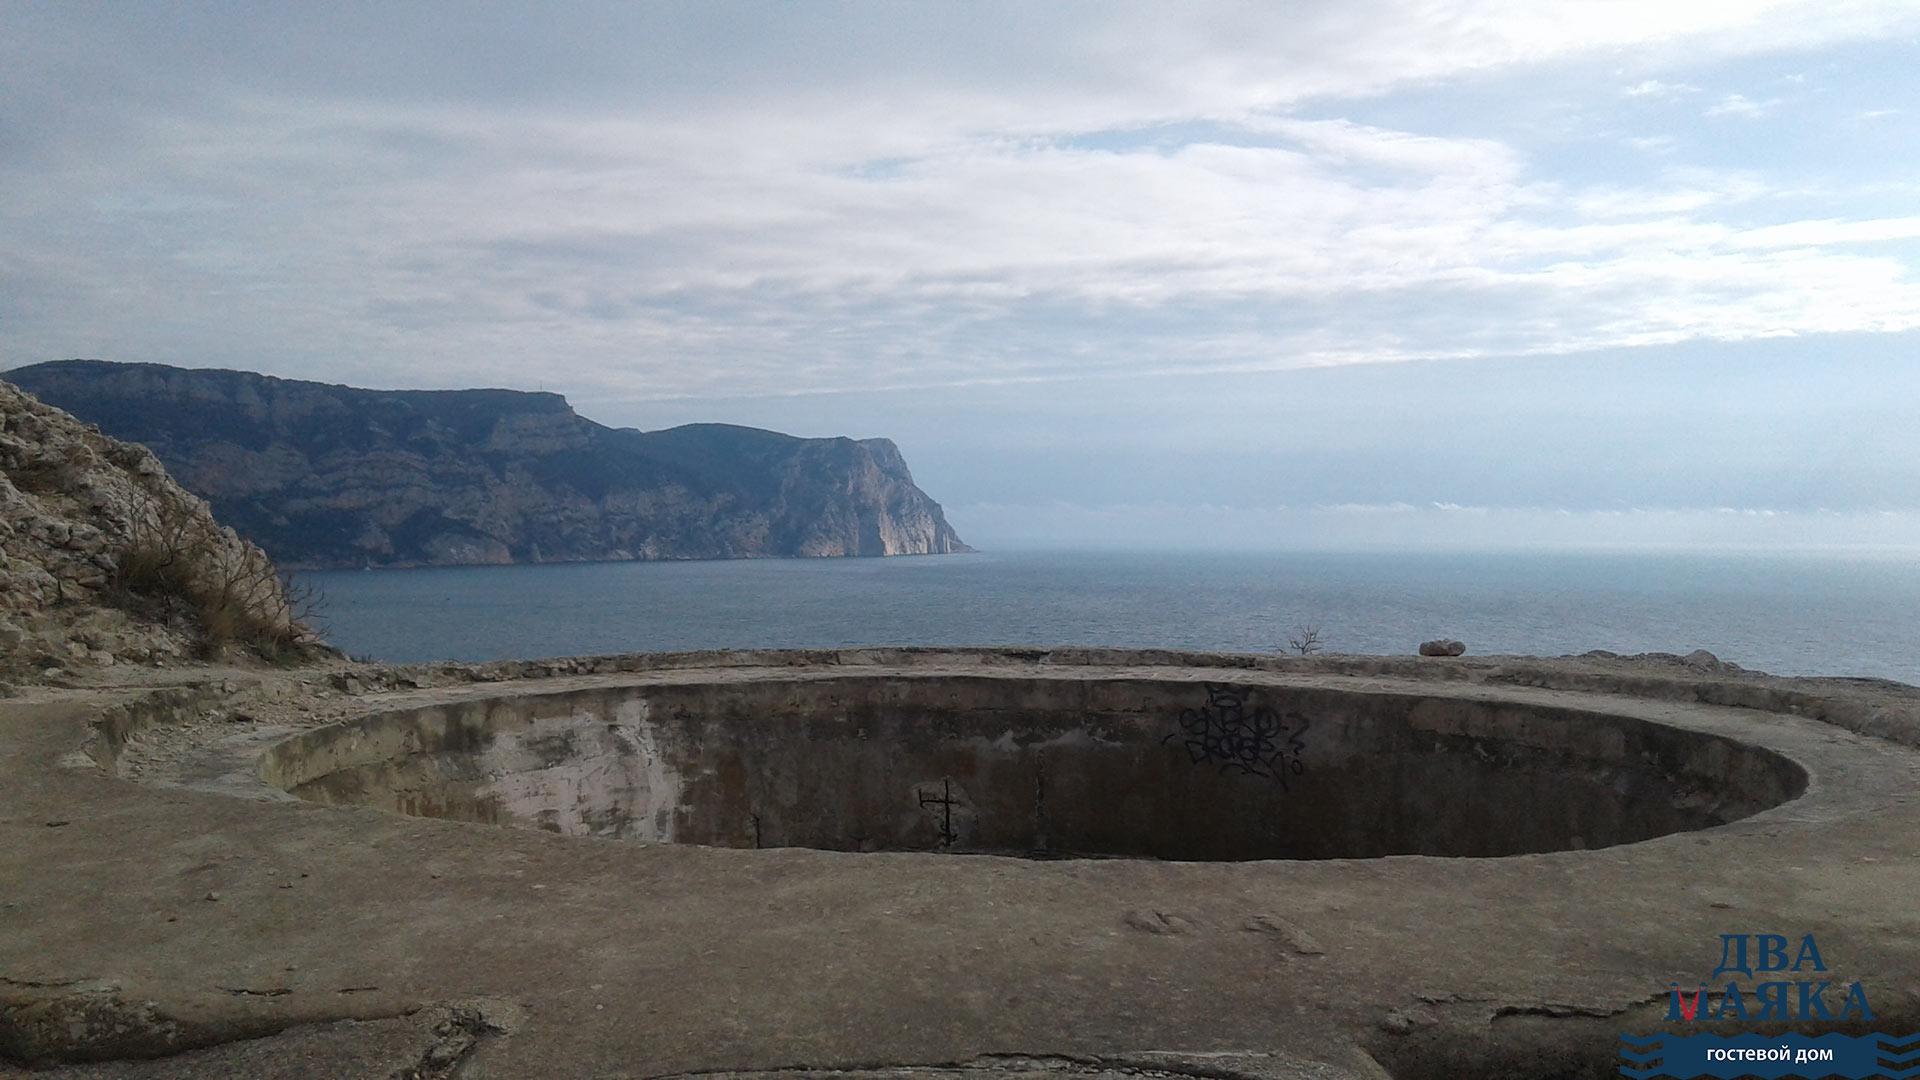 19 береговая батарея Севастополь